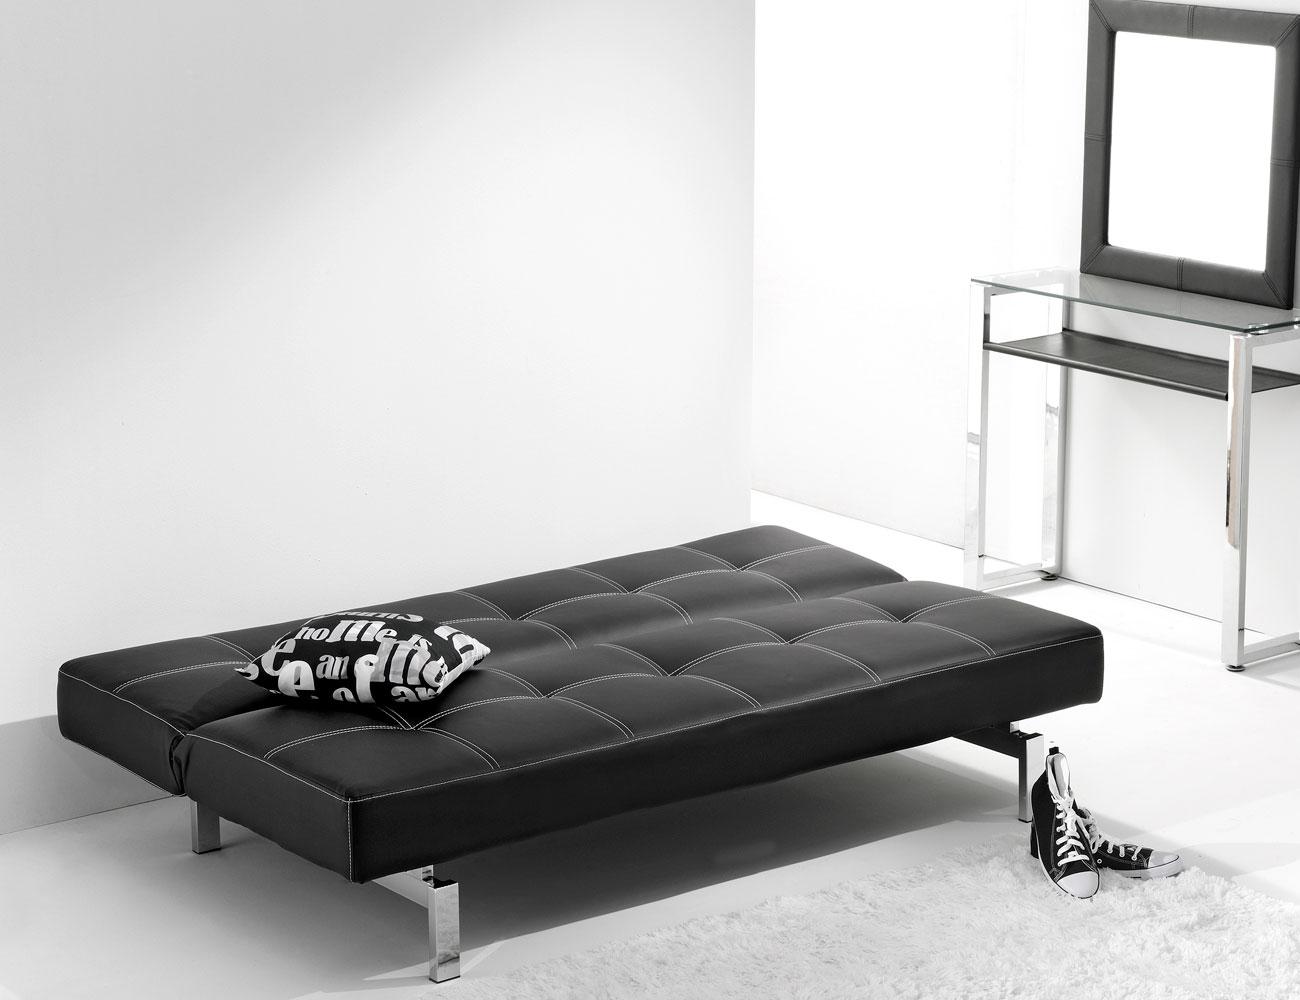 Sofa cama click clak negro